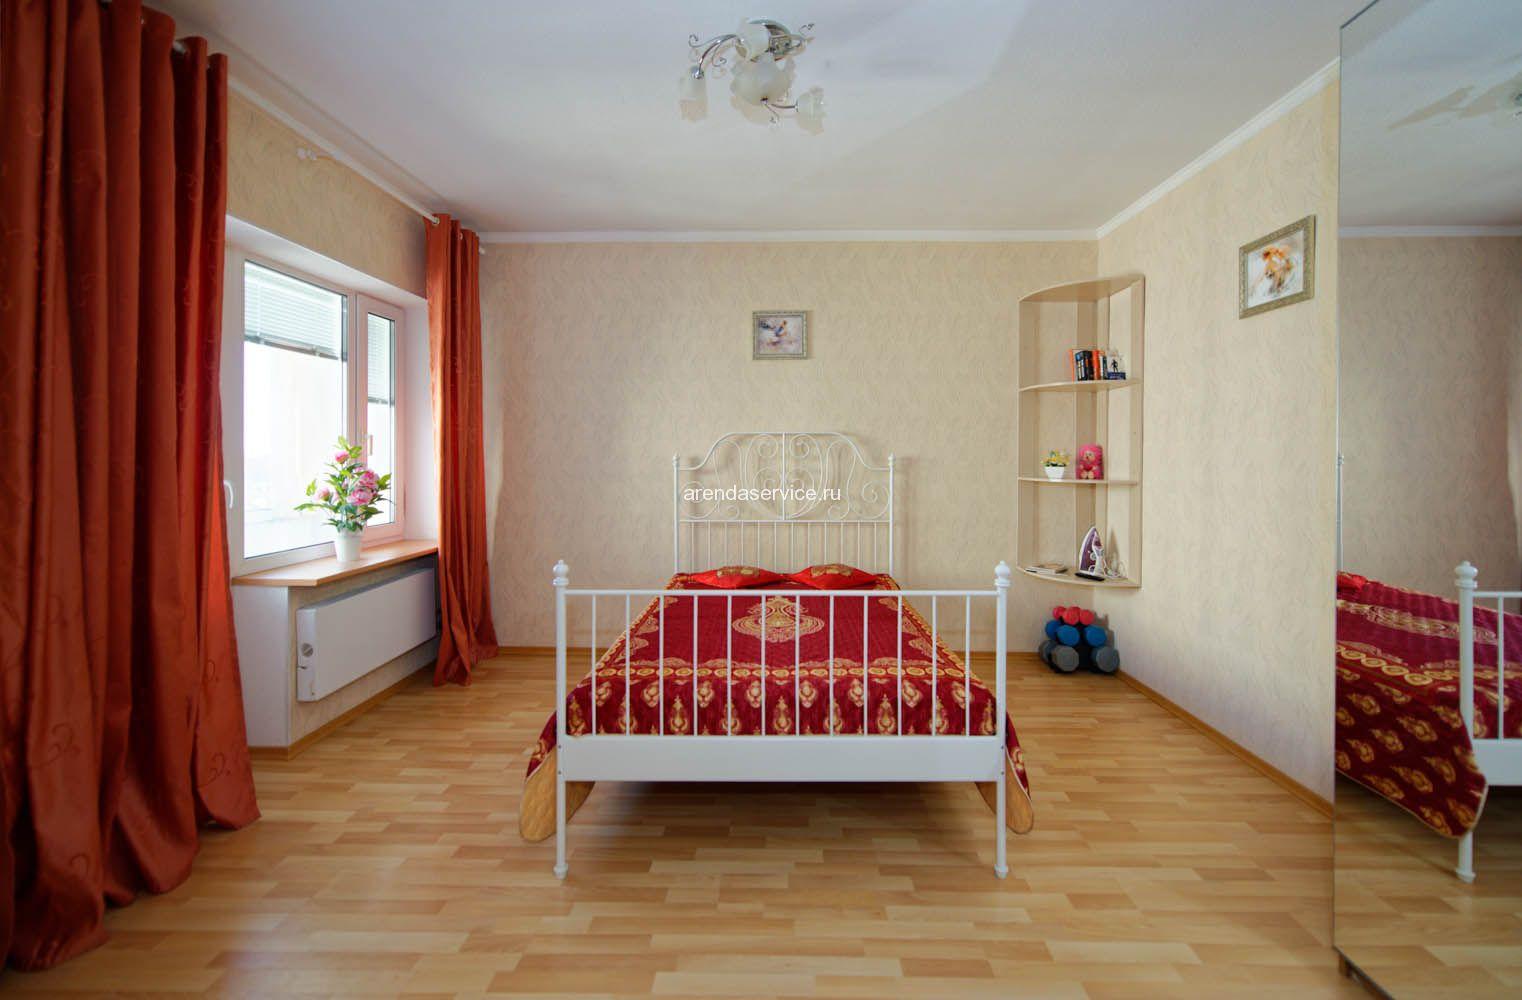 Стоматологическая поликлиника на пр. московский